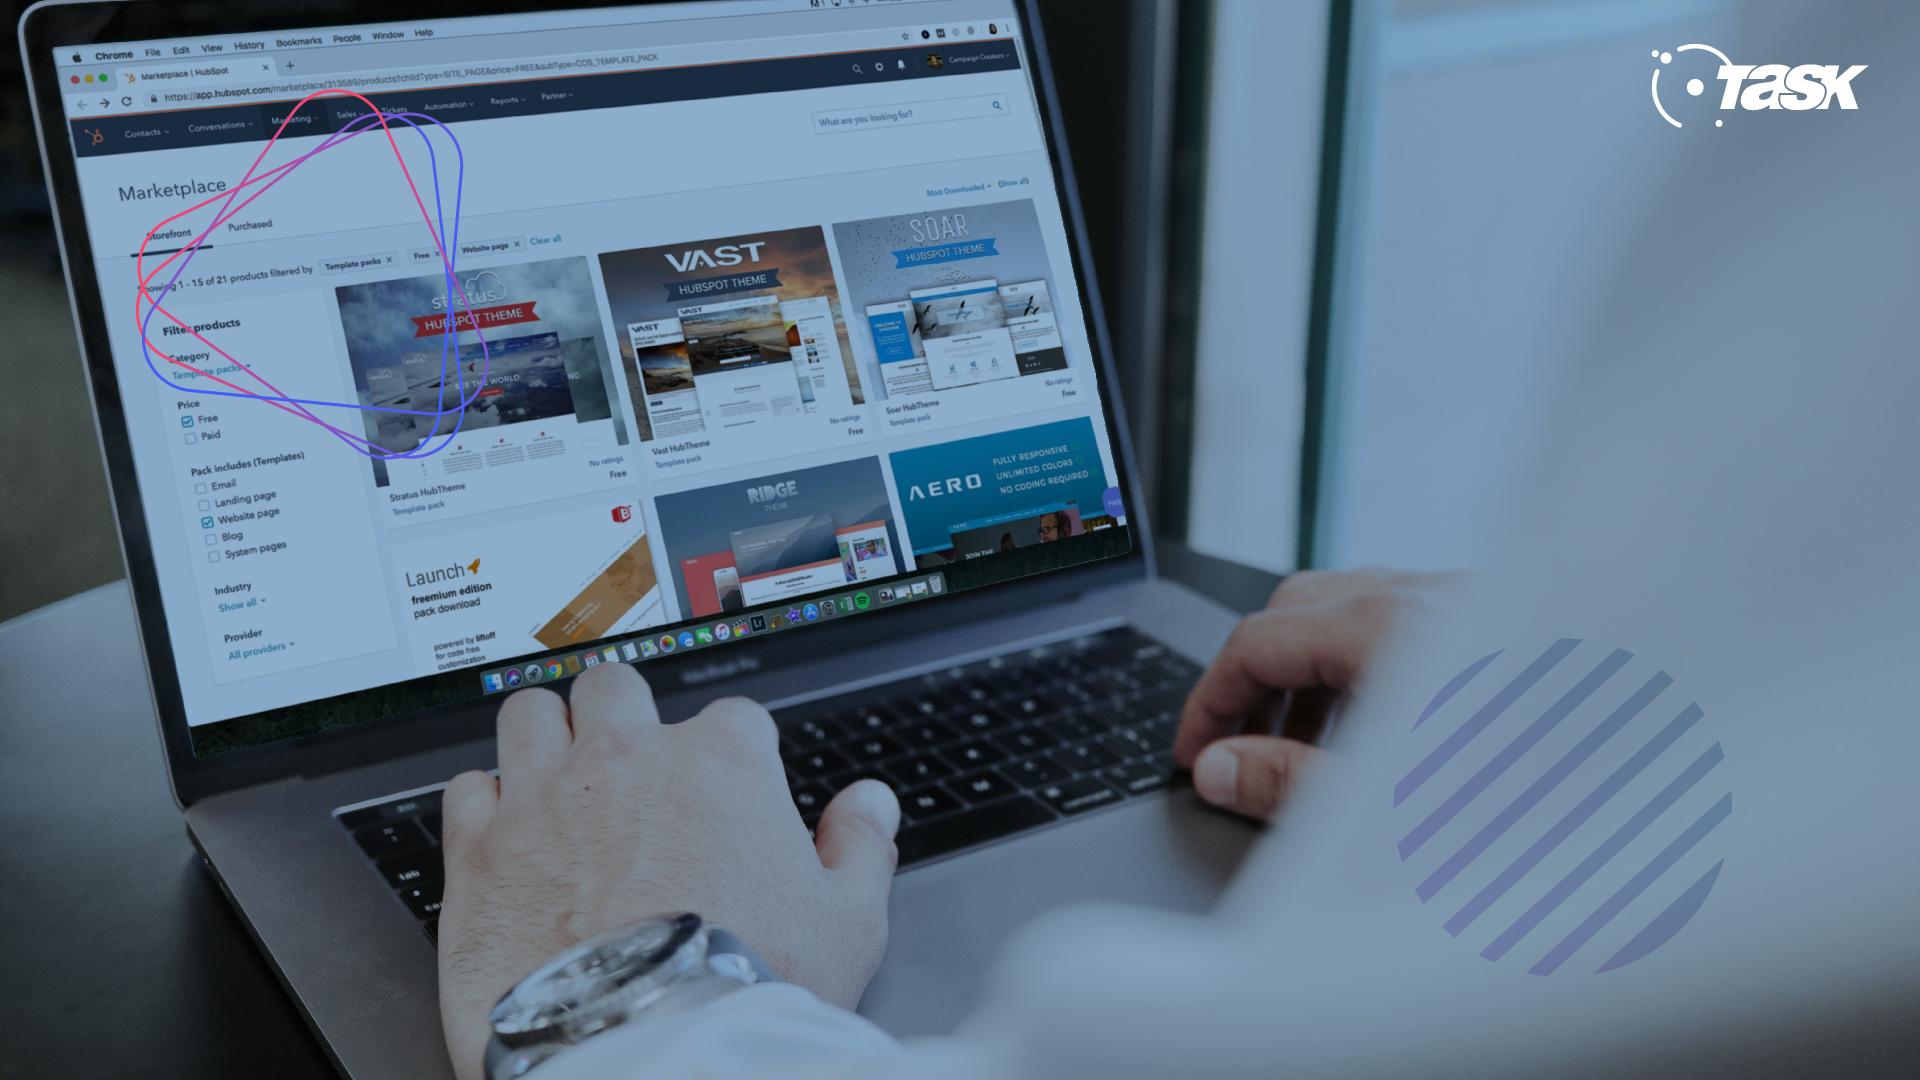 O uso de dispositivos móveis para compras online tem crescido muito nos últimos anos. Por isso, é essencial que a sua loja virtual esteja adaptada para ser usado em dispositivos móveis (smartphones e tablets).